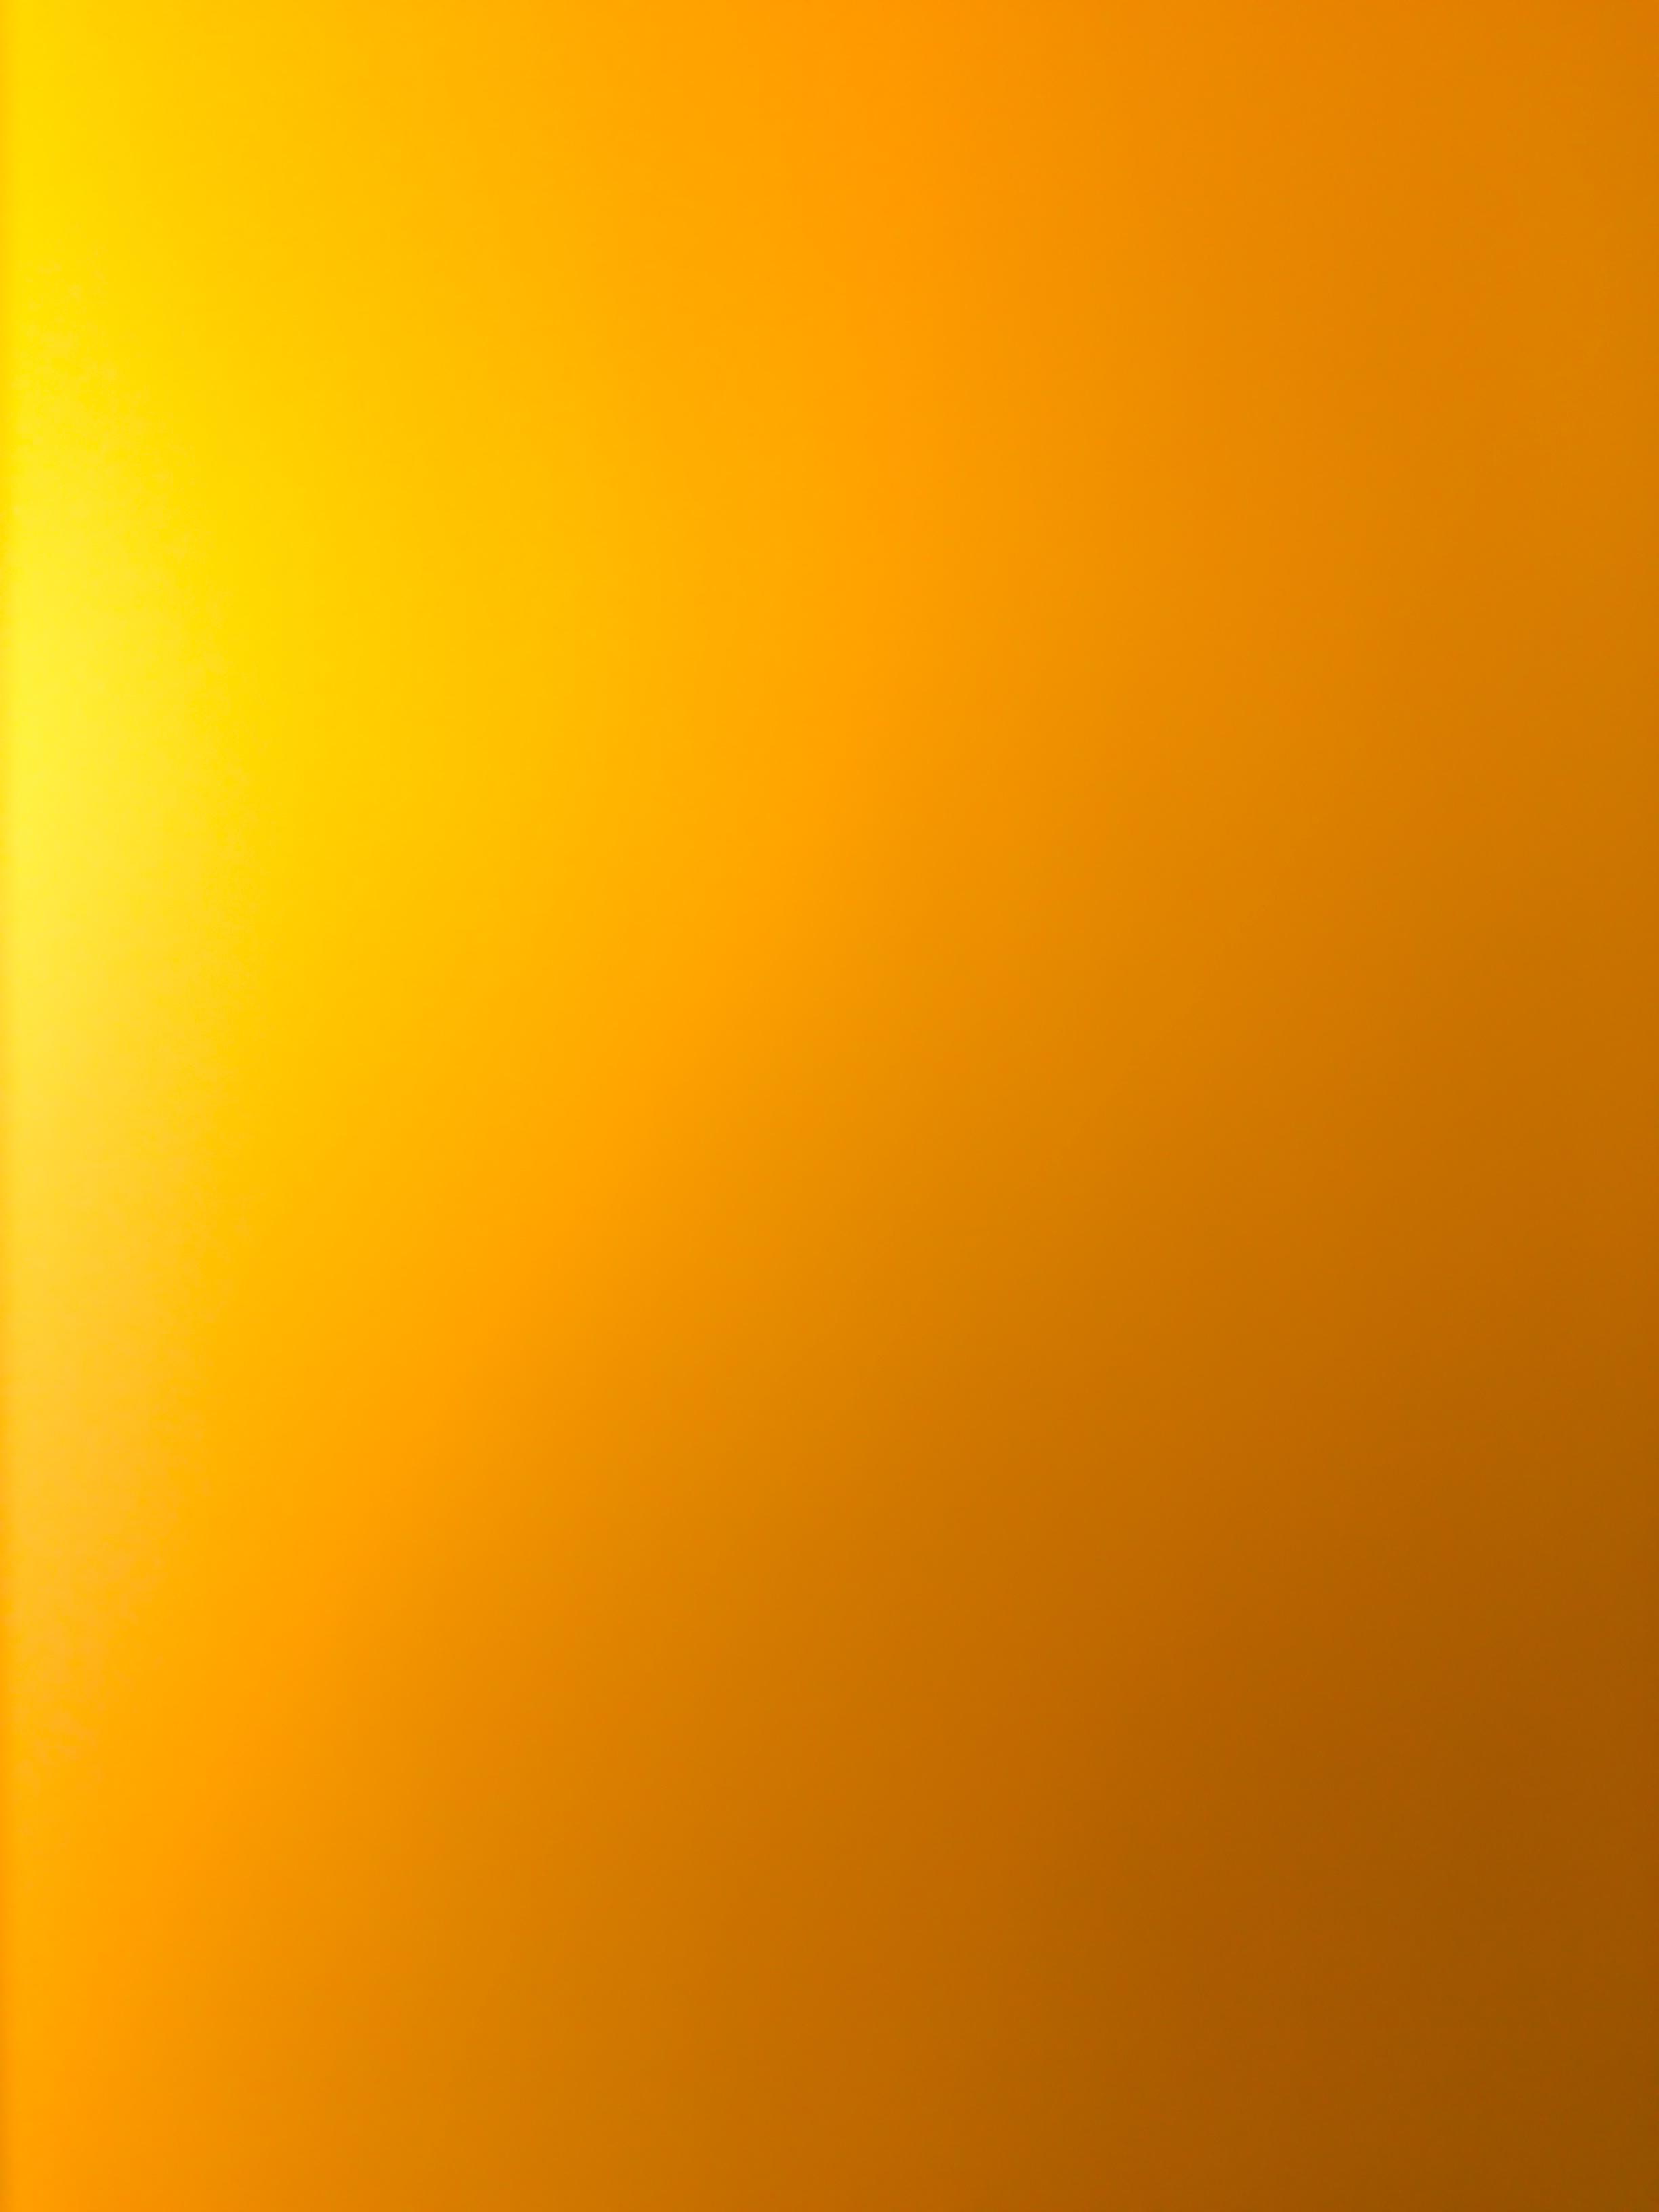 139665 скачать Оранжевые обои на телефон бесплатно, Текстуры, Градиент, Фон, Оранжевый, Оттенки, Переход, Плавный Оранжевые картинки и заставки на мобильный